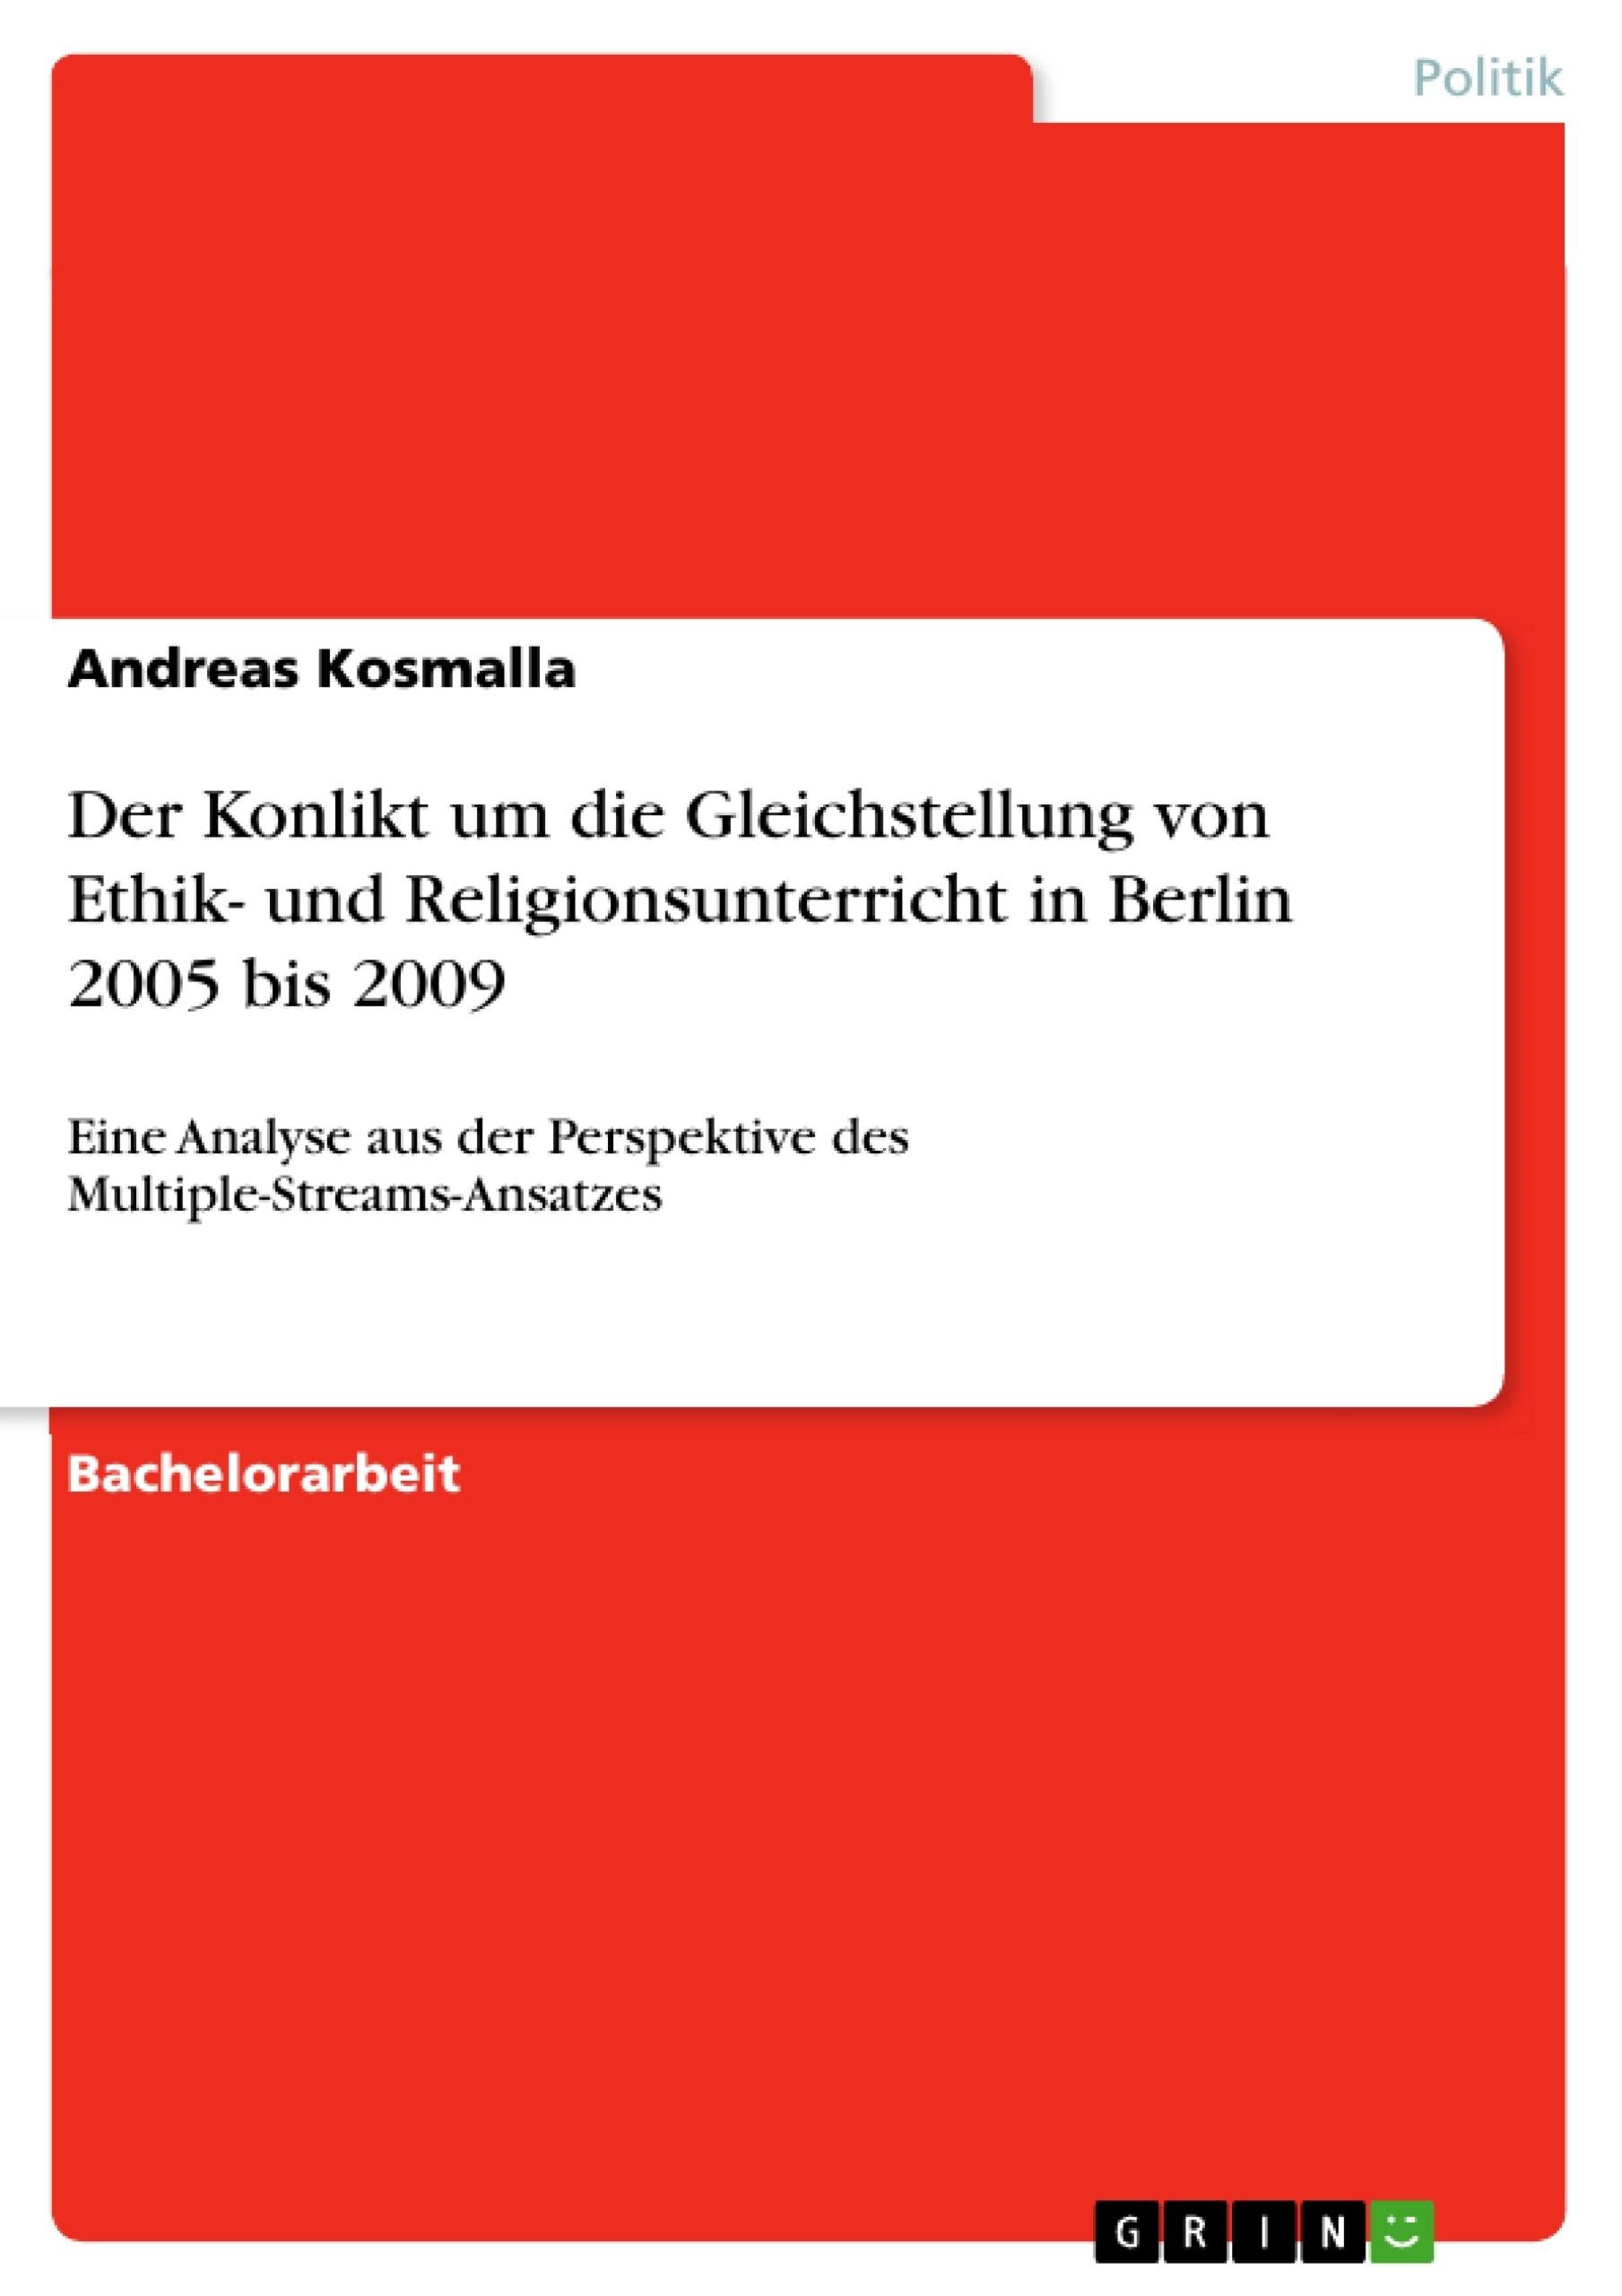 Titel: Der Konlikt um die Gleichstellung von Ethik- und Religionsunterricht in Berlin 2005 bis 2009